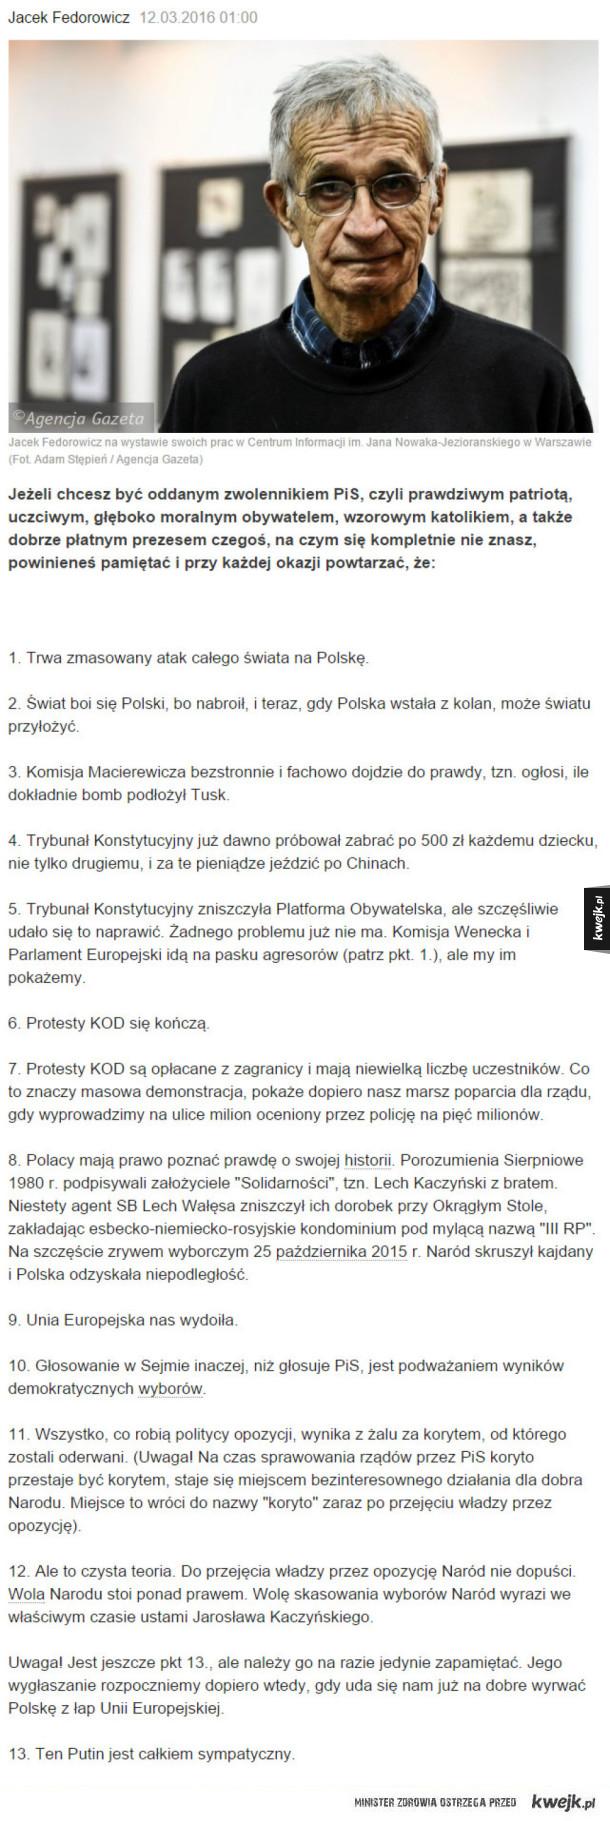 Kilka rzeczy o których warto pamiętać śledząc wydarzenia polityczne w Polsce